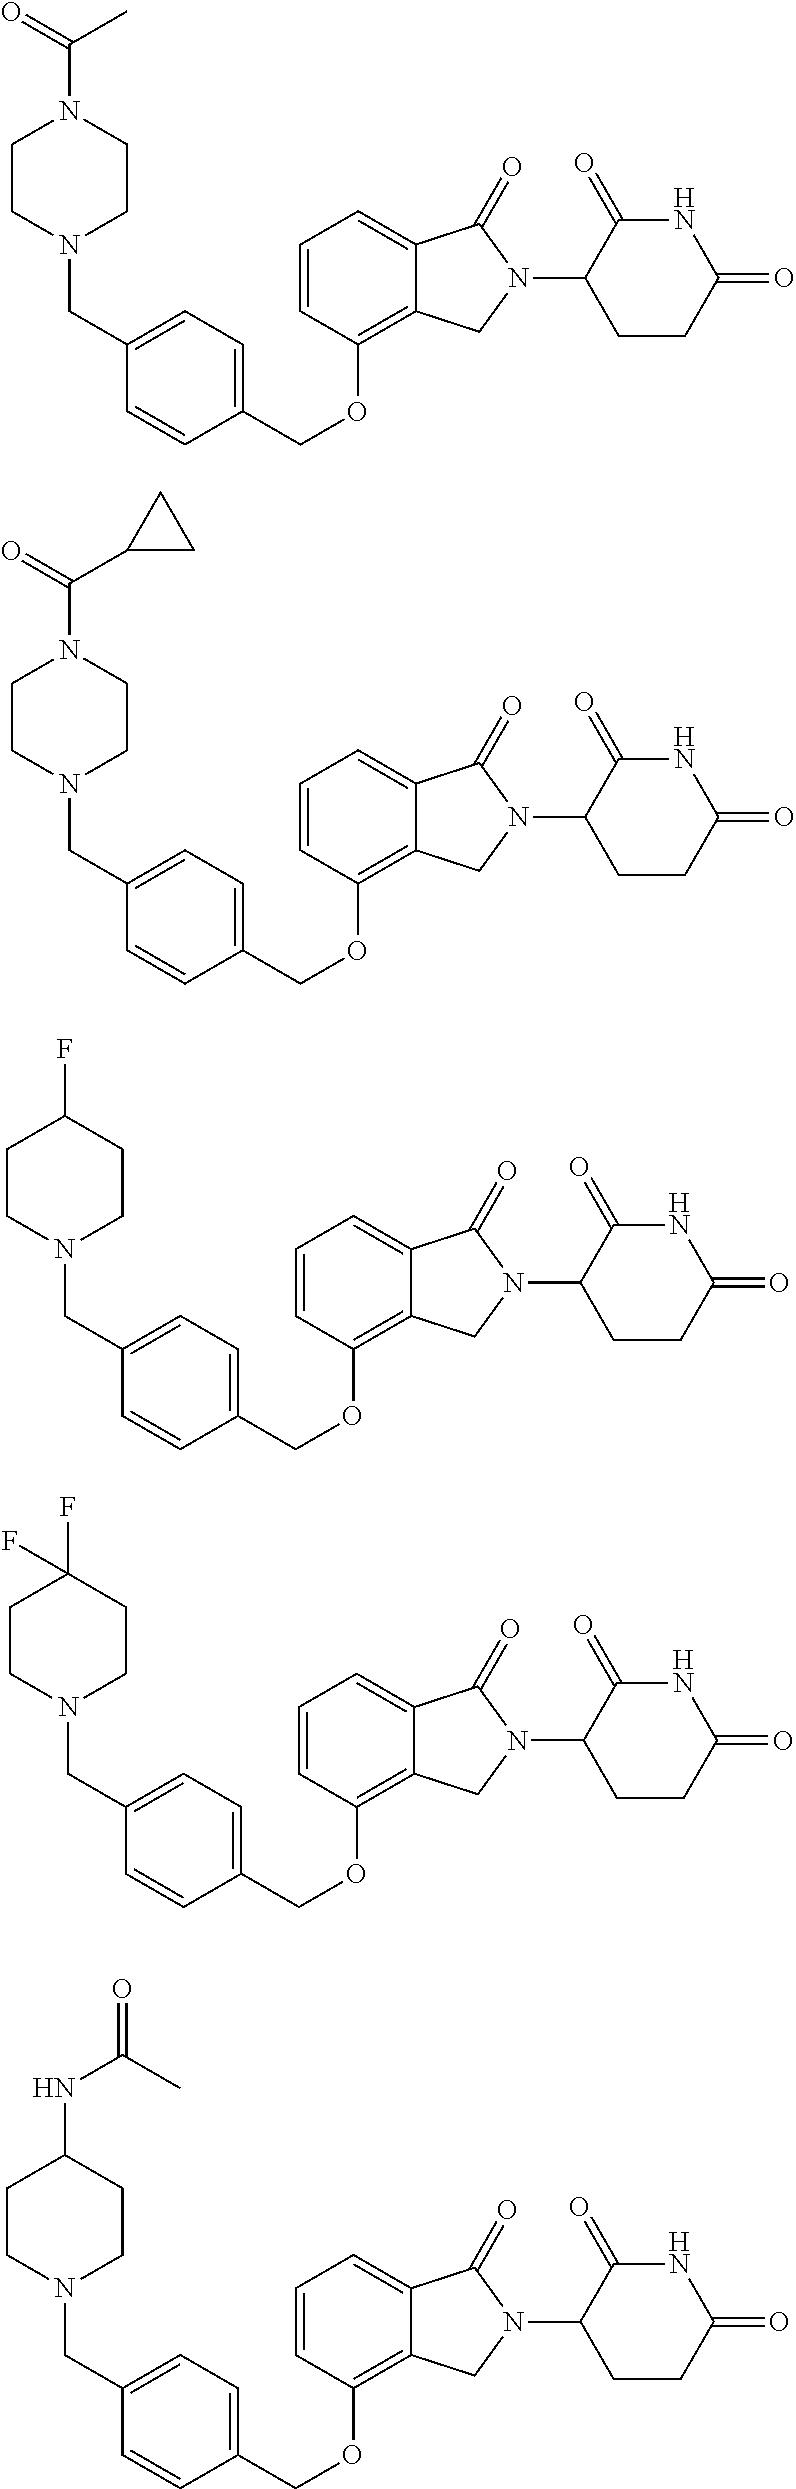 Figure US20110196150A1-20110811-C00042